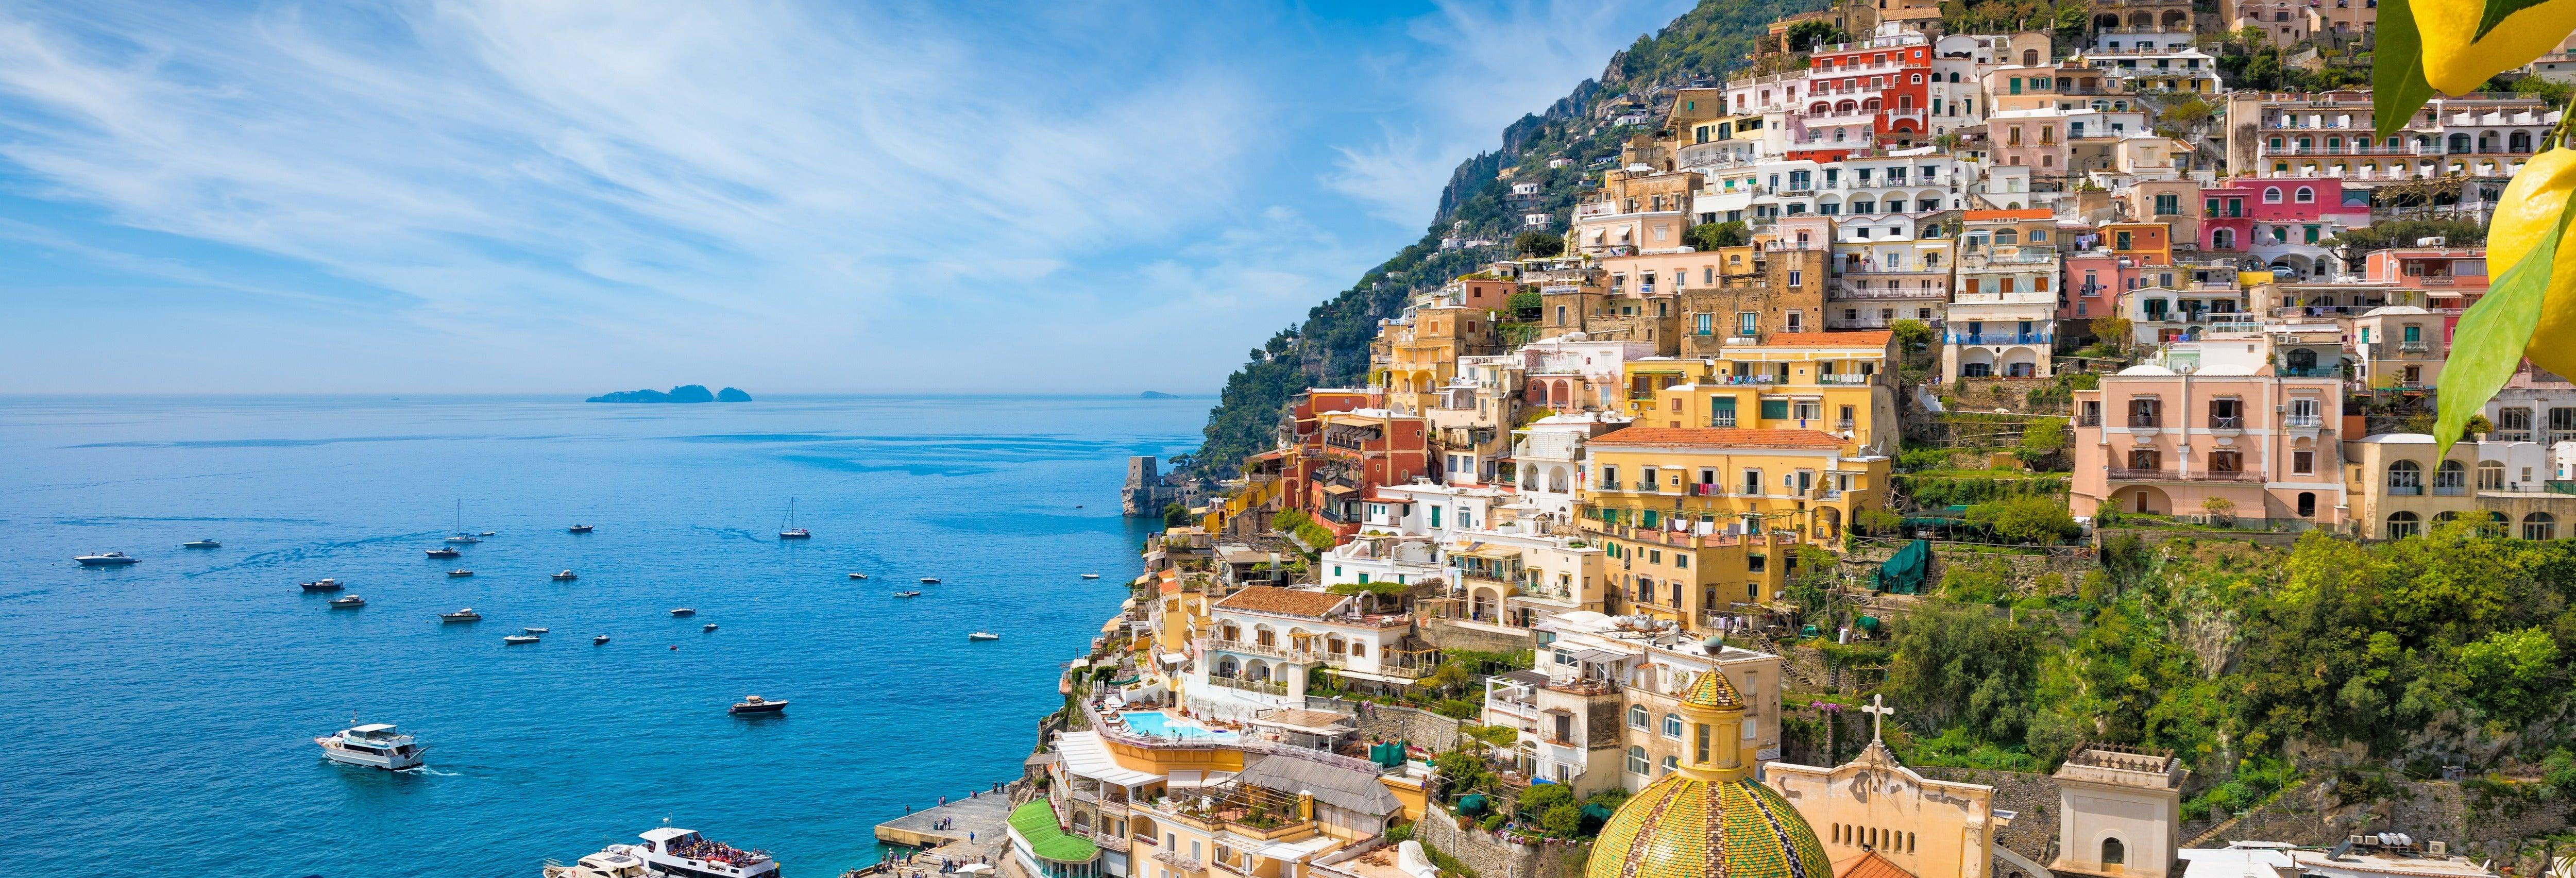 Excursion en bateau sur la côte amalfitaine